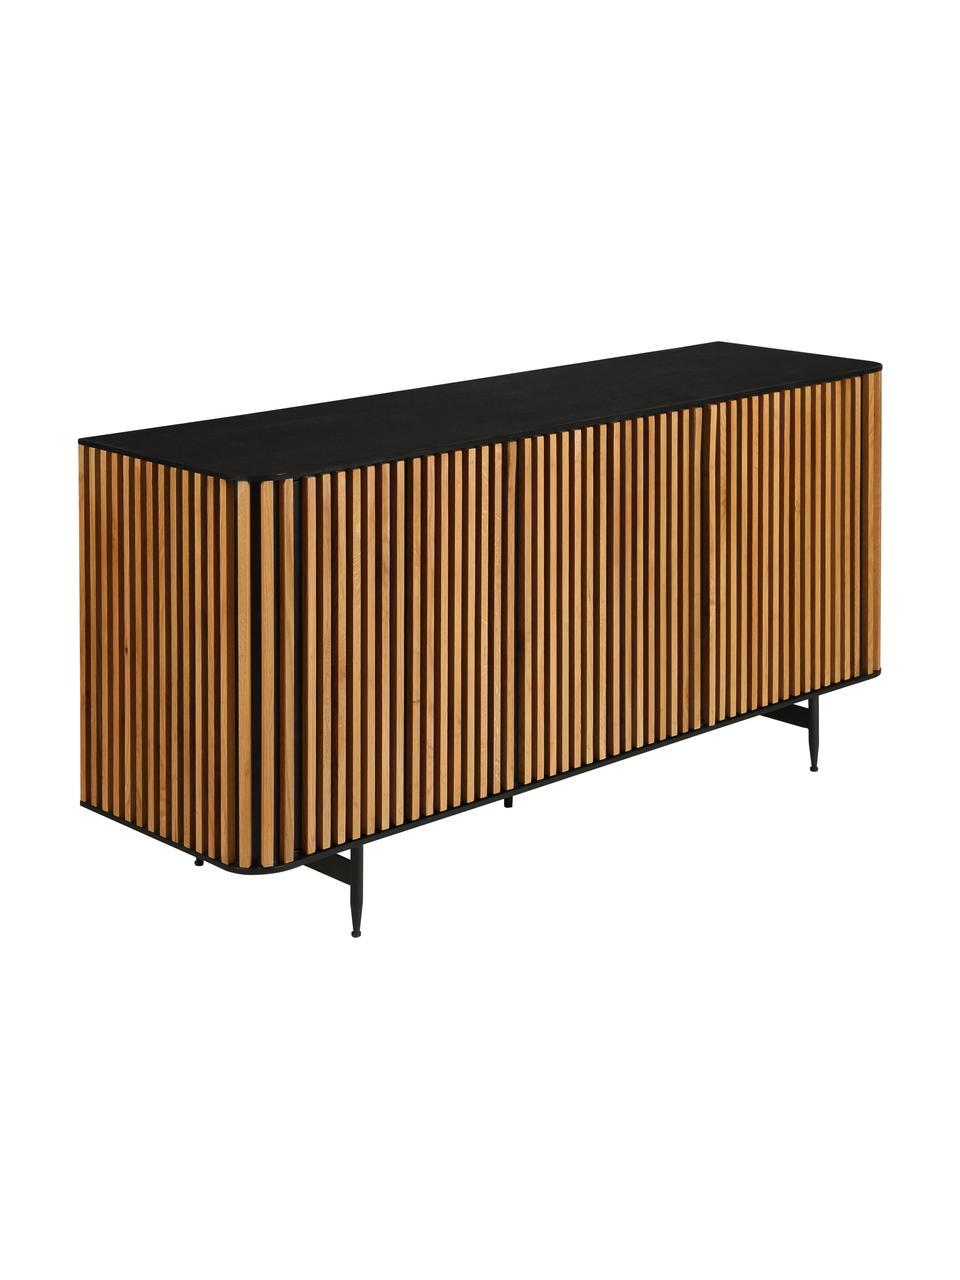 Design dressoir Linea met deuren en eikenhoutfineer, Frame: MDF met gelakt eikenfinee, Poten: gelakt metaal, Zwart, eikenhoutkleurig, 159 x 74 cm